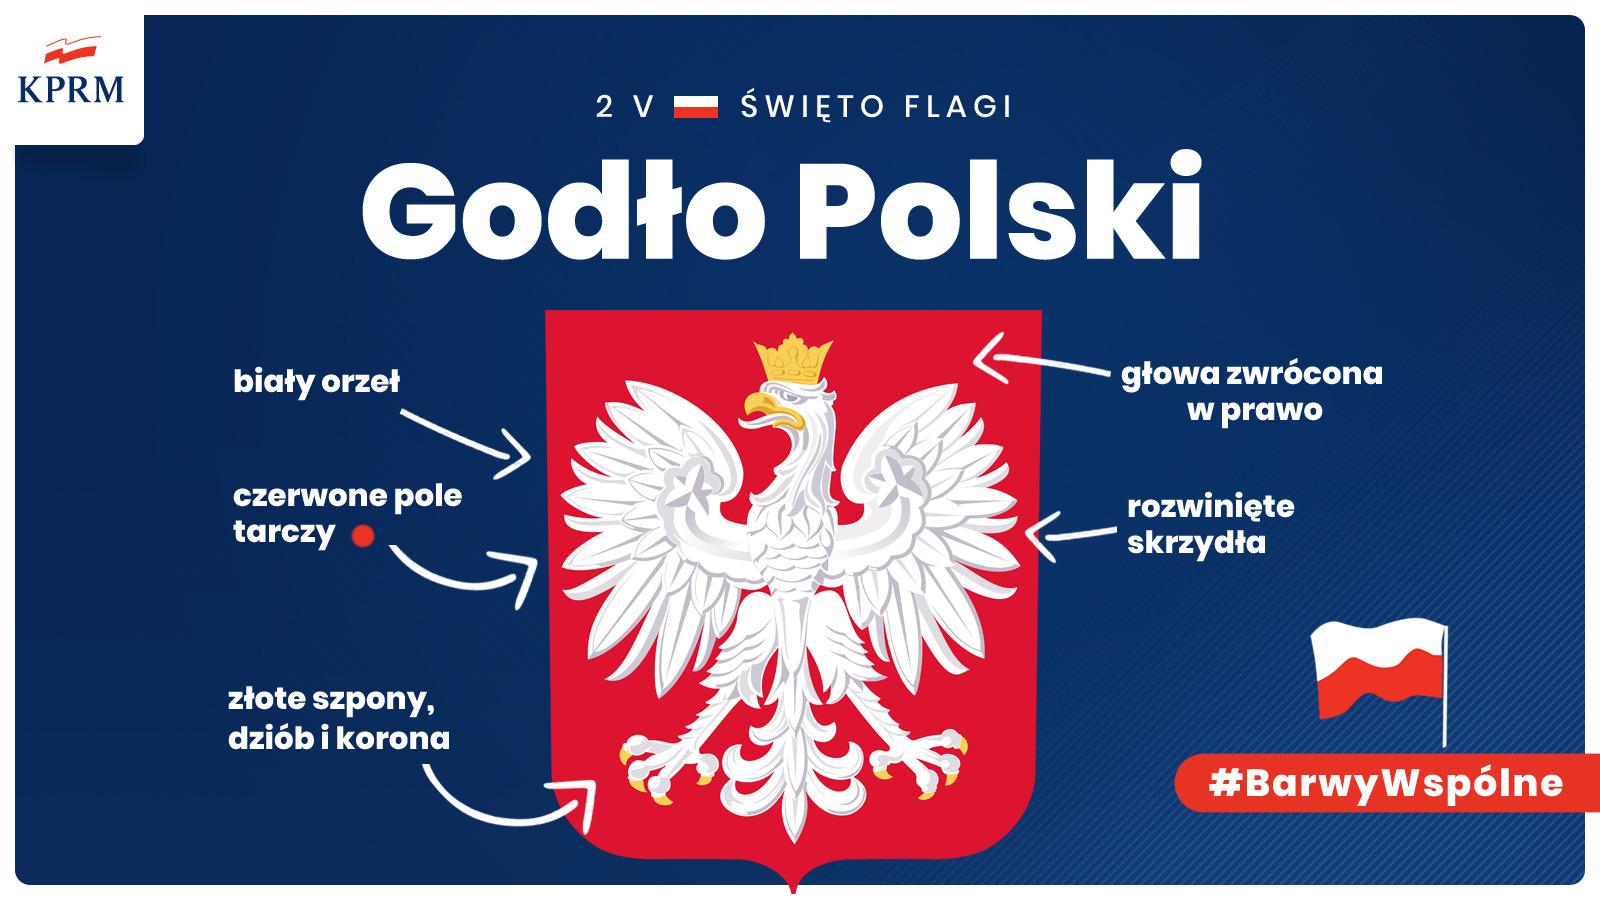 20210501 194838 2 Maja Dniem Flagi Rzeczypospolitej Polskiej – Bądźmy z niej dumni!